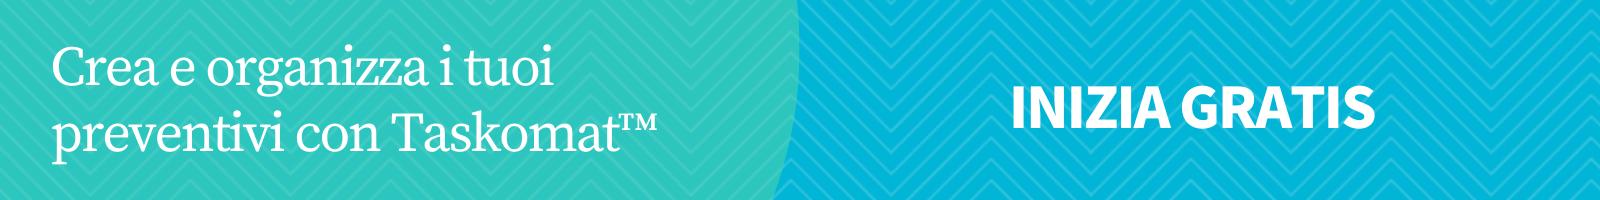 Crea e organizza i preventivi con Taskomat